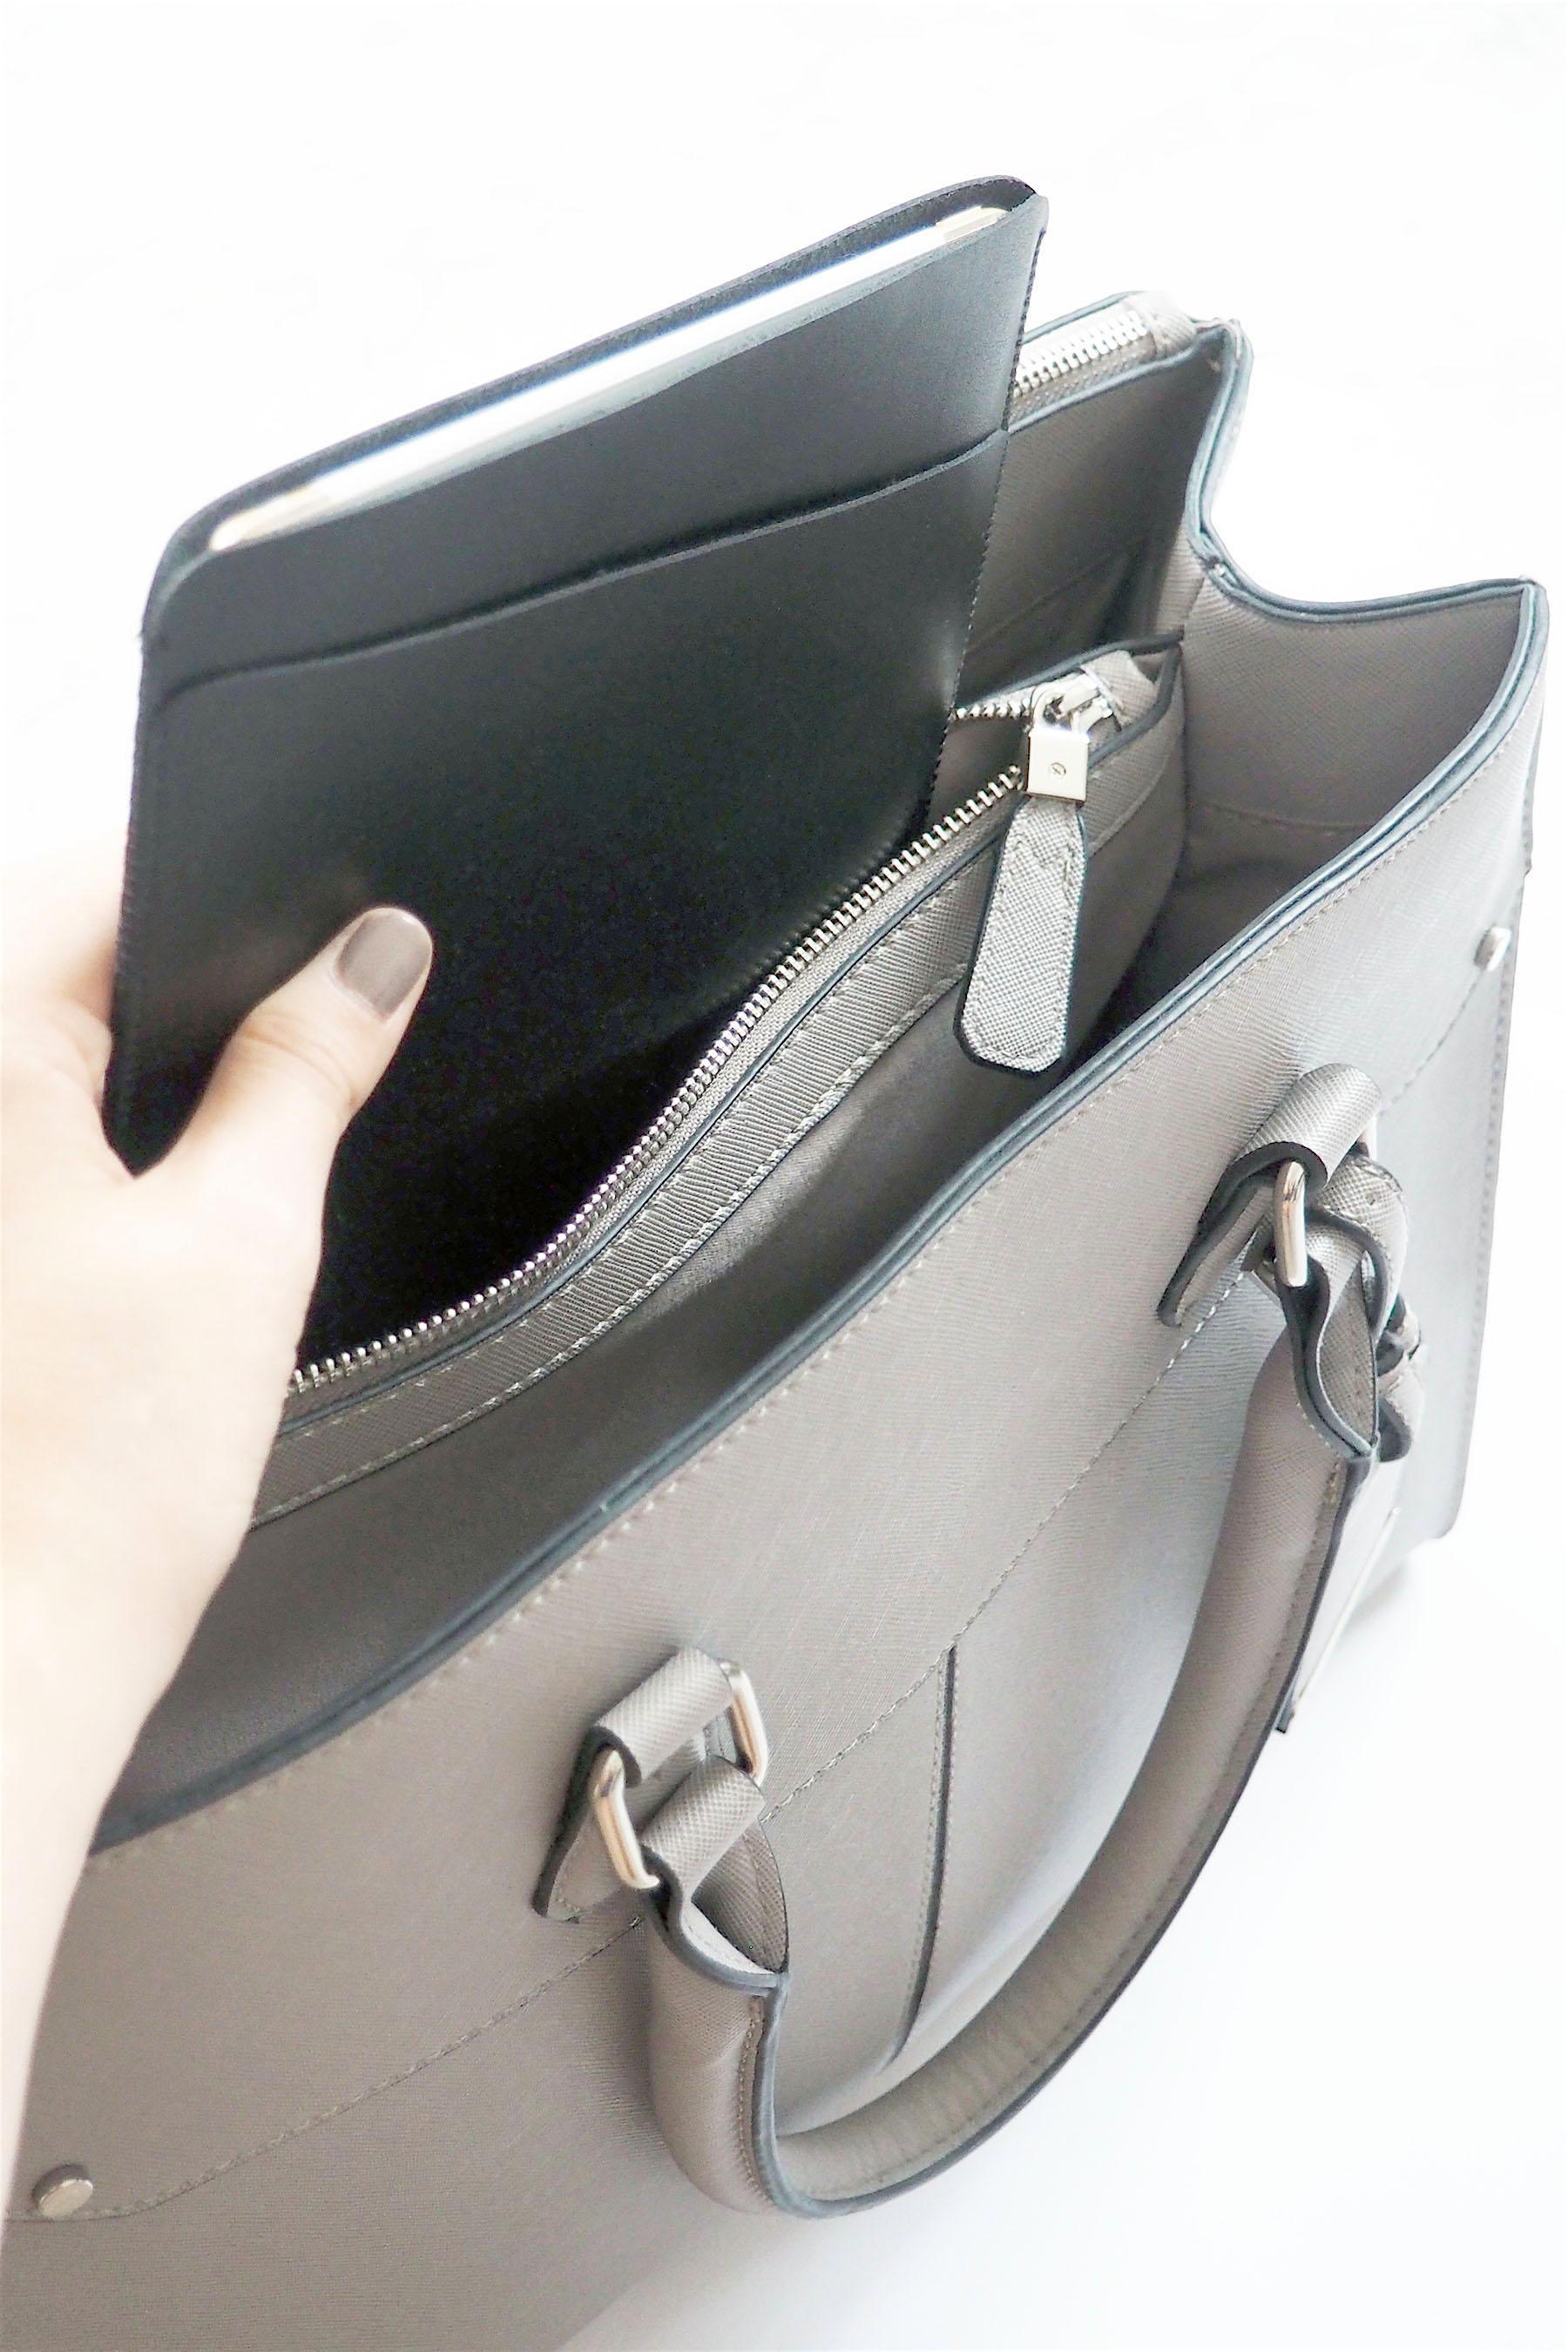 iPad Air 2 Case - 5